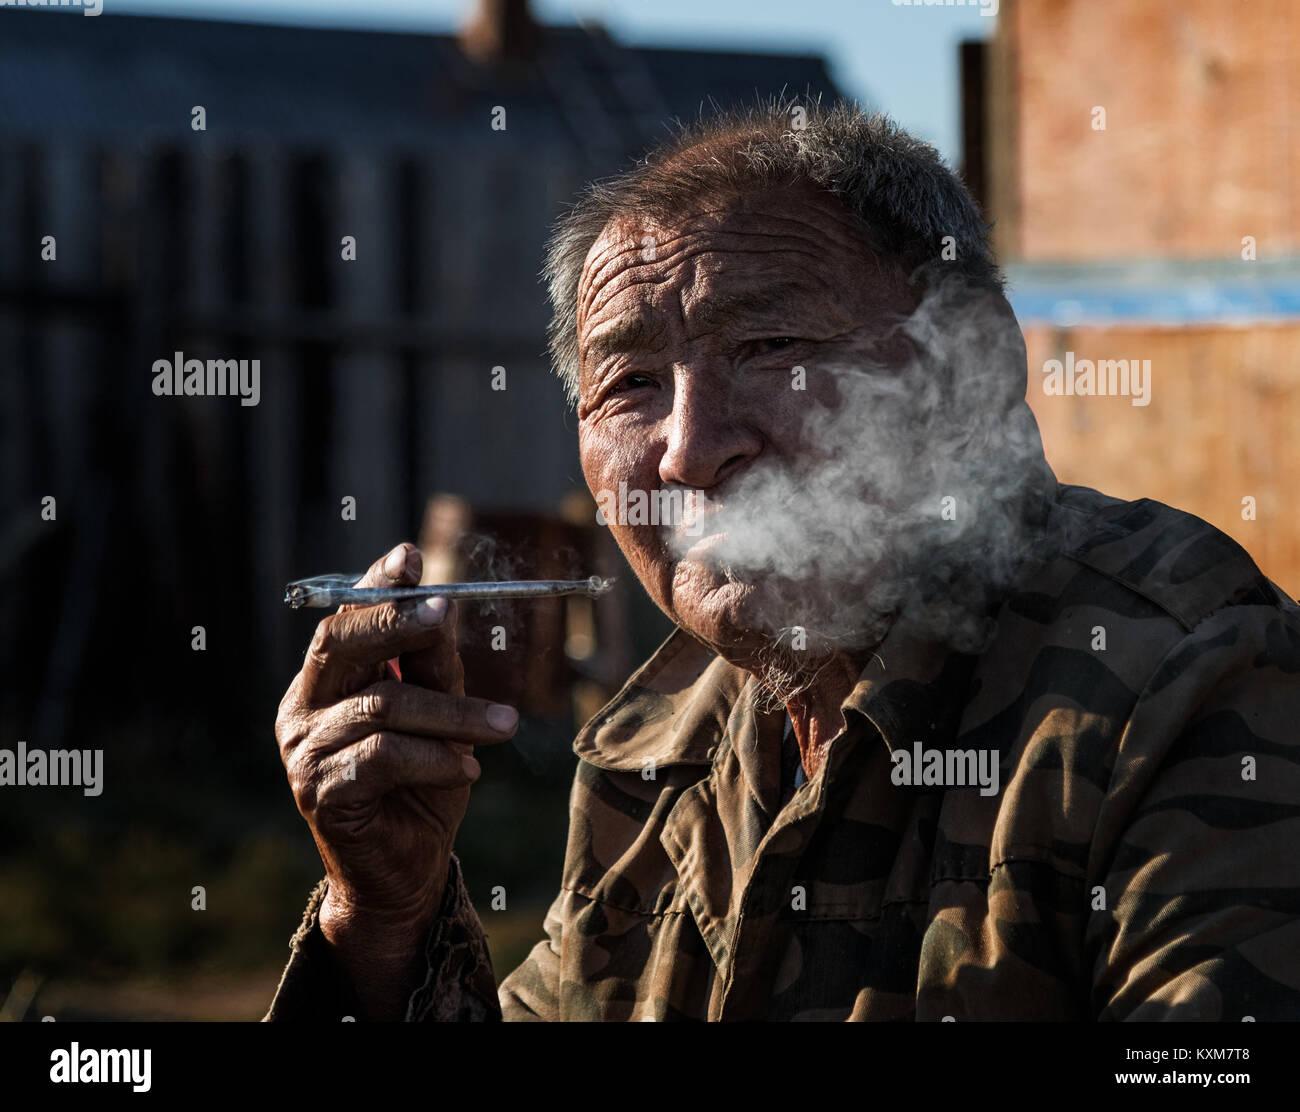 Viejo hombre fumar cigarrillo largo retrato MORNING SUN Mongolia ger camp Ulaanbaatar Imagen De Stock